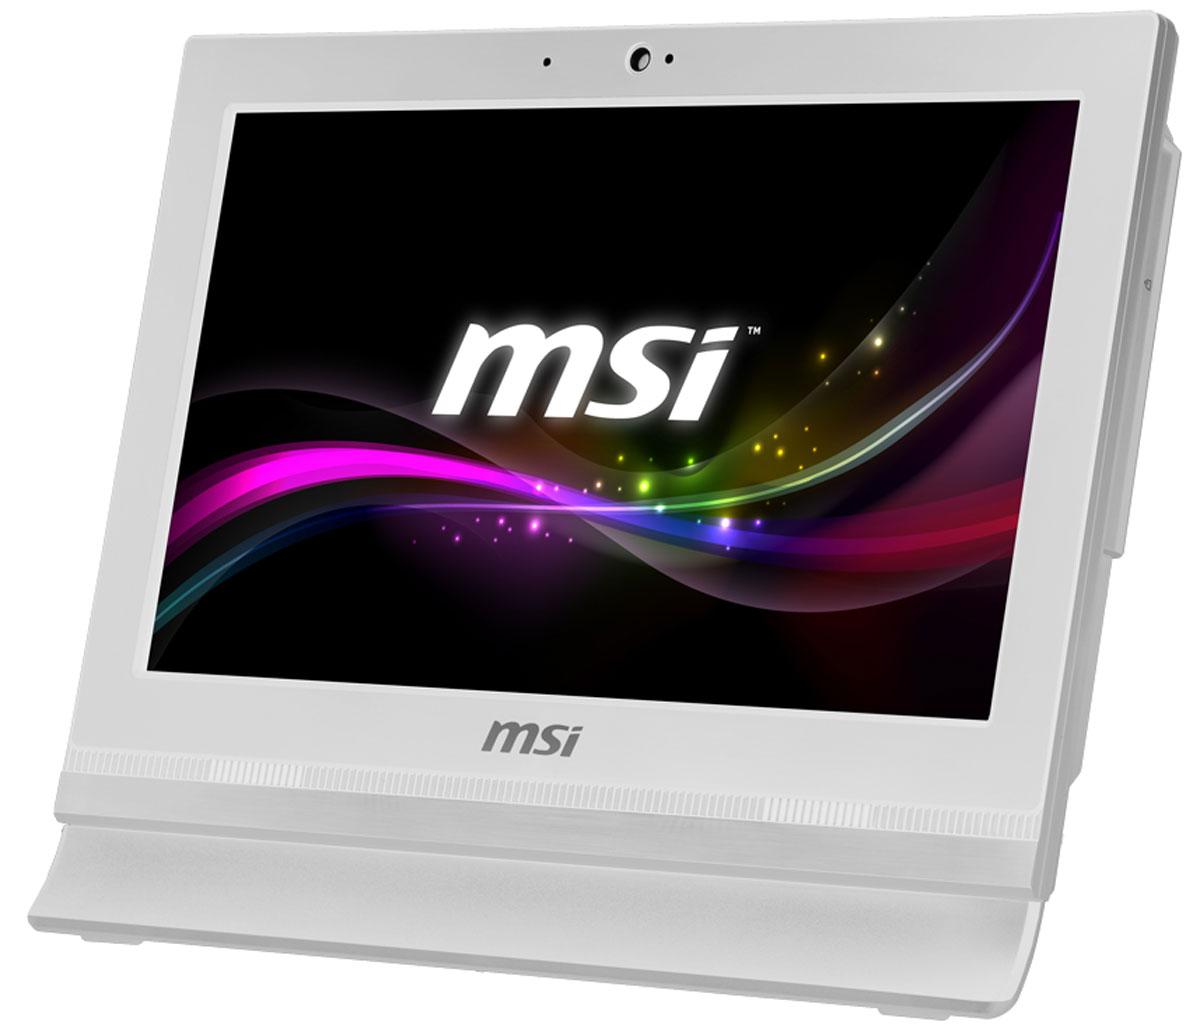 MSI Pro 16T 7M-010RU, White моноблокPRO 16T 7M-010RUМоноблок MSI Pro 16T 7M оснащён несколькими портами COM и USB 2.0, что позволит подключить к нему любые виды коммерческих POS-машин, таких как сканеры штрих-кода, чековые принтеры и многие другие устройства.Моноблок Pro 16 7M снабжён двухъядерным процессором Intel Celeron 3865U, отличающимся высокой мультизадачной производительностью. Также он имеет низкое энергопотребление, требуя для нормальной работы лишь 15 Вт TDP. Таким образом, он способствует снижению энергопотребления, экономии ваших средств и сохранению экосистемы Земли.MSI всегда гарантирует высочайшее качество графики, поэтому оснастила свой моноблок антибликовым экраном. В ярко освещённых магазинах и офисах или в домашнем кабинете антибликовый экран отлично защитит ваши глаза от отражений и бликов на экране компьютера.Каждому из нас хочется быть уверенным в том, что мы сможем продолжить работу в любое время и в любых условиях. Если вам требуется больше оперативной памяти или жесткий диск побольше, вы легко сможете это сделать сами.Благодаря дополнительному HDD-лотку вы сможете установить второй внутренний жесткий диск и увеличить доступный объём дискового пространства или повысить надёжность хранения данных в случае сбоя одного из дисков.Моноблок имеет интегрированный параллельный порт для подключения принтера. Благодаря этому порту вы можете отправлять редактируемые документы на принтер напрямую, без опаски за утечку важной информации через прослушивание сетевого подключения, которое используется большинством публичных принтеров.Инновационная система охлаждения не предусматривает наличия вентилятора, а это снижает потребление электроэнергии и уровень шума, делая работу на этом моноблоке гораздо приятней. Кроме того, отказ от вентилятора позволил снизить вероятность ошибок и увеличить срок службы моноблока.Создавая этот моноблок, инженеры MSI поставили во главу угла его максимально эффективное энергопотребление и использование экологически безопасных ма